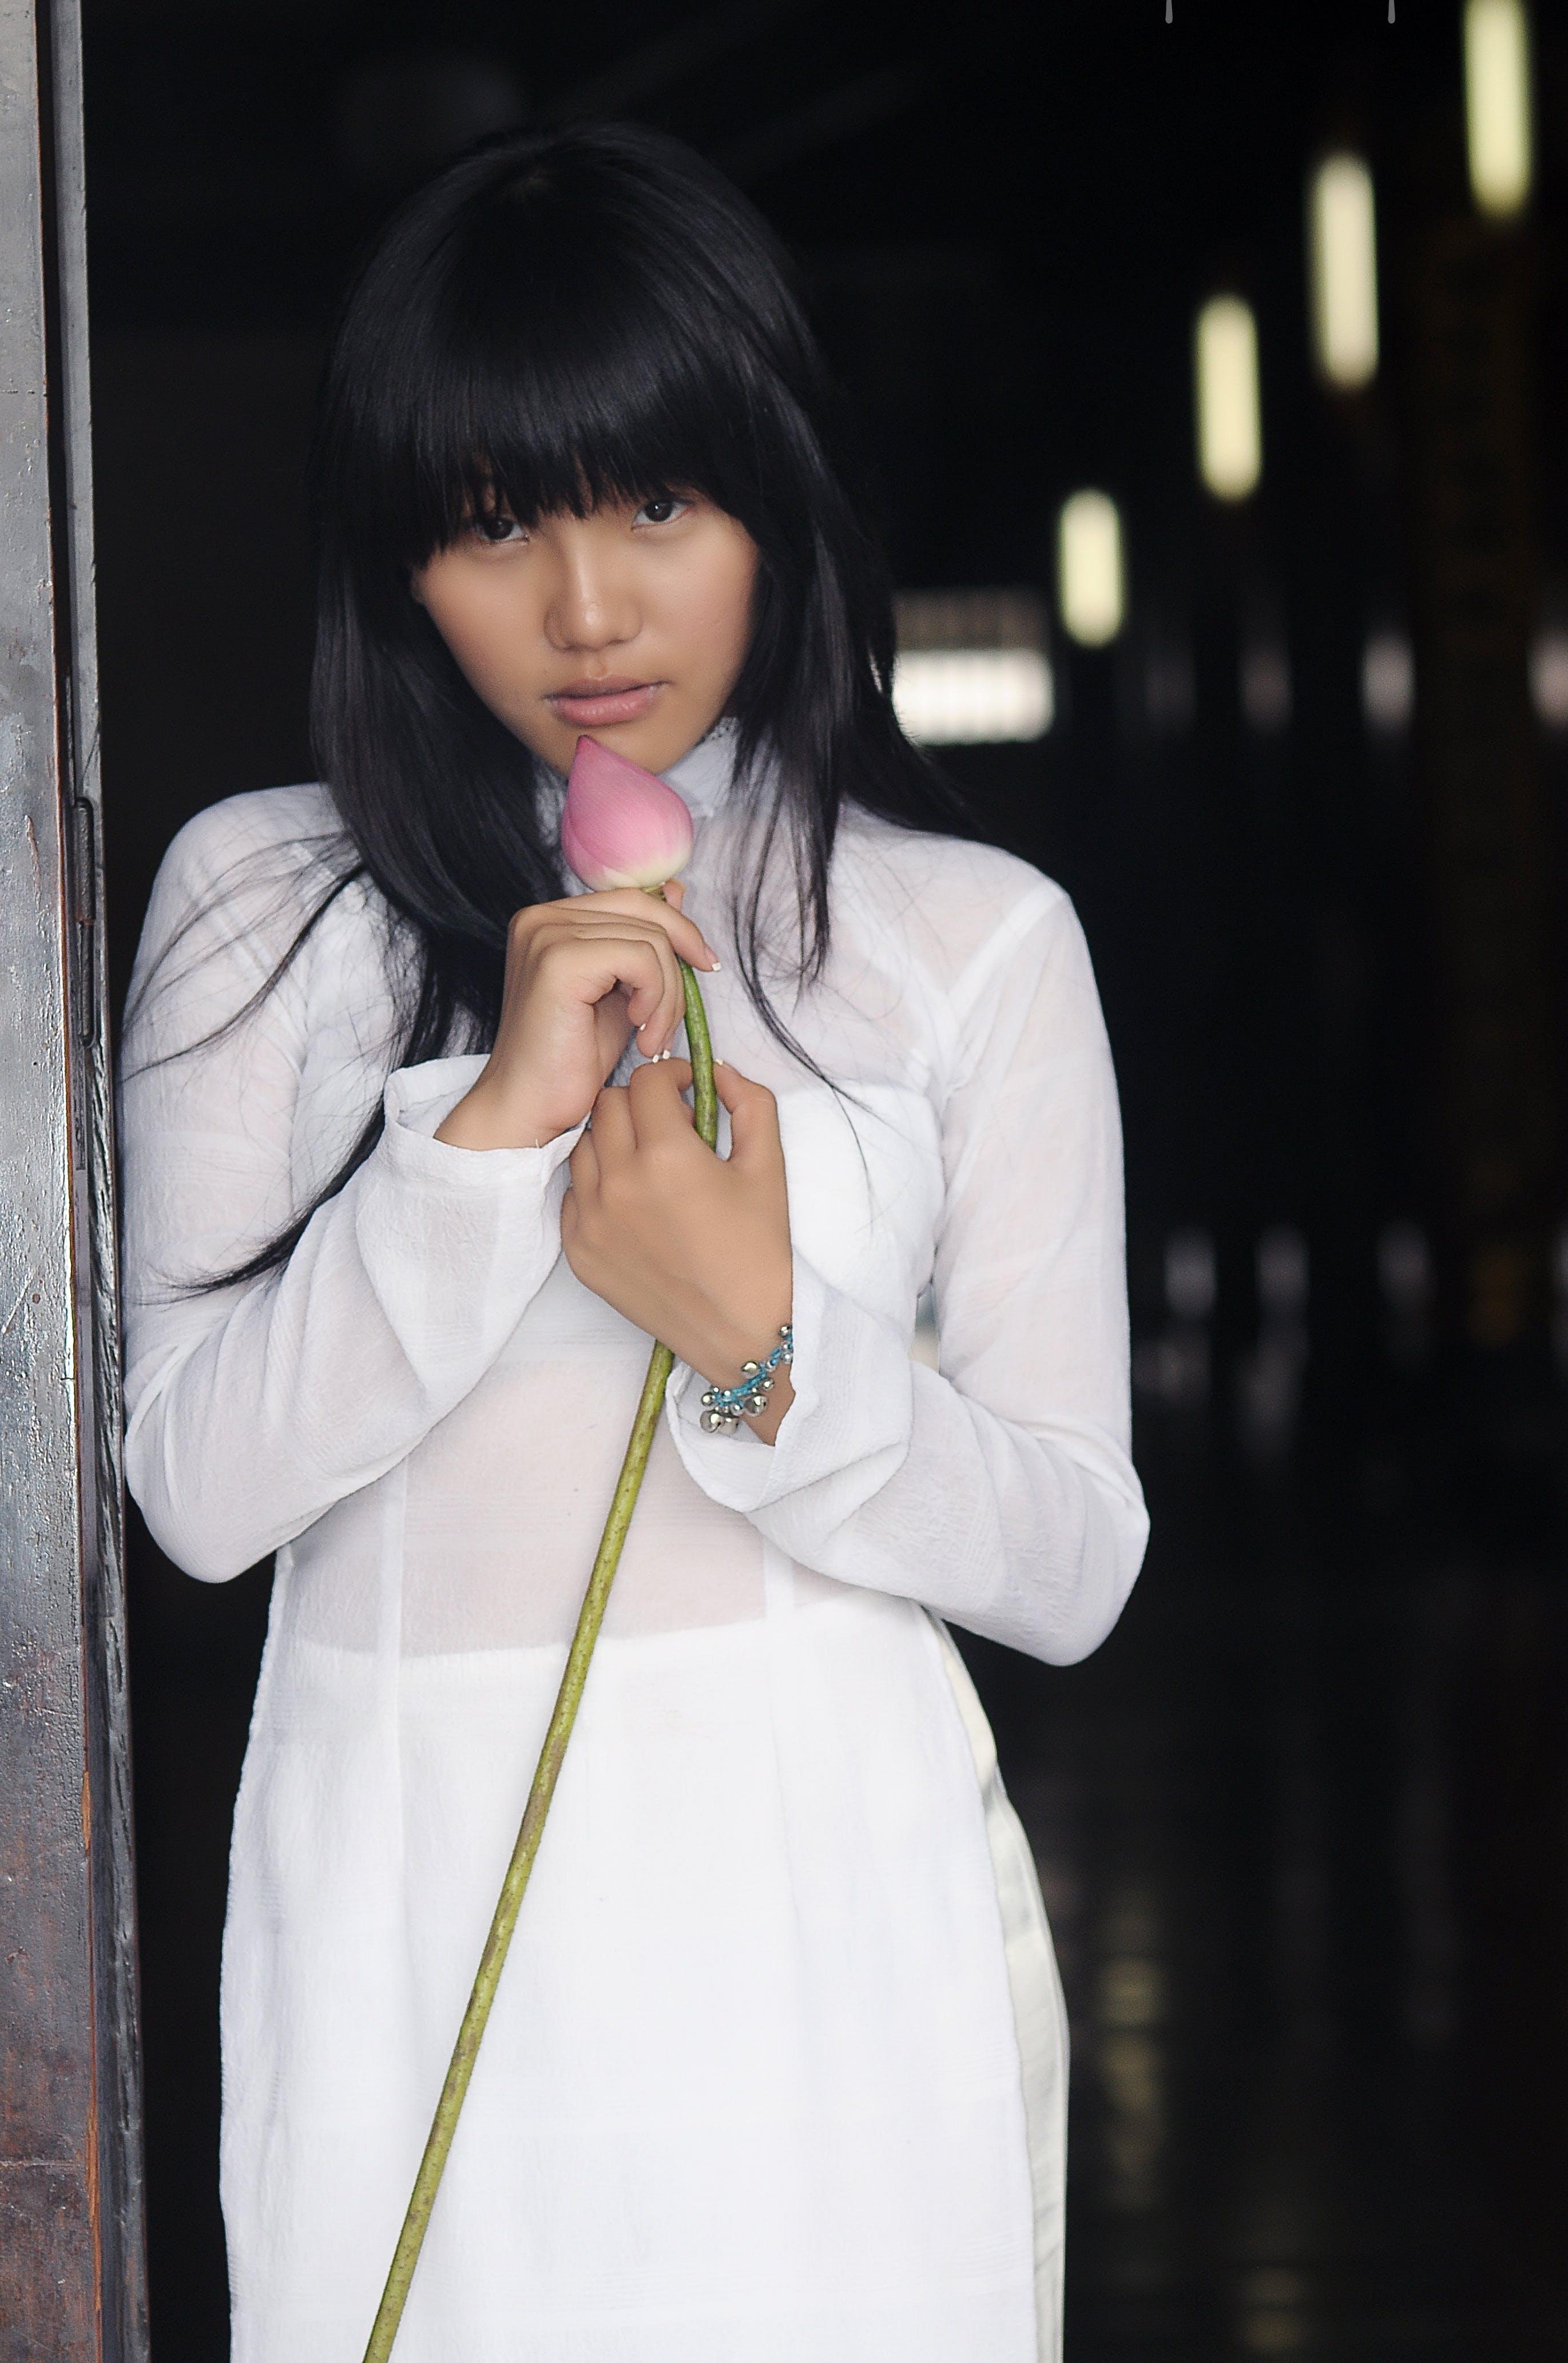 Gratis lagerfoto af asiatisk, attraktiv, blomst, dame